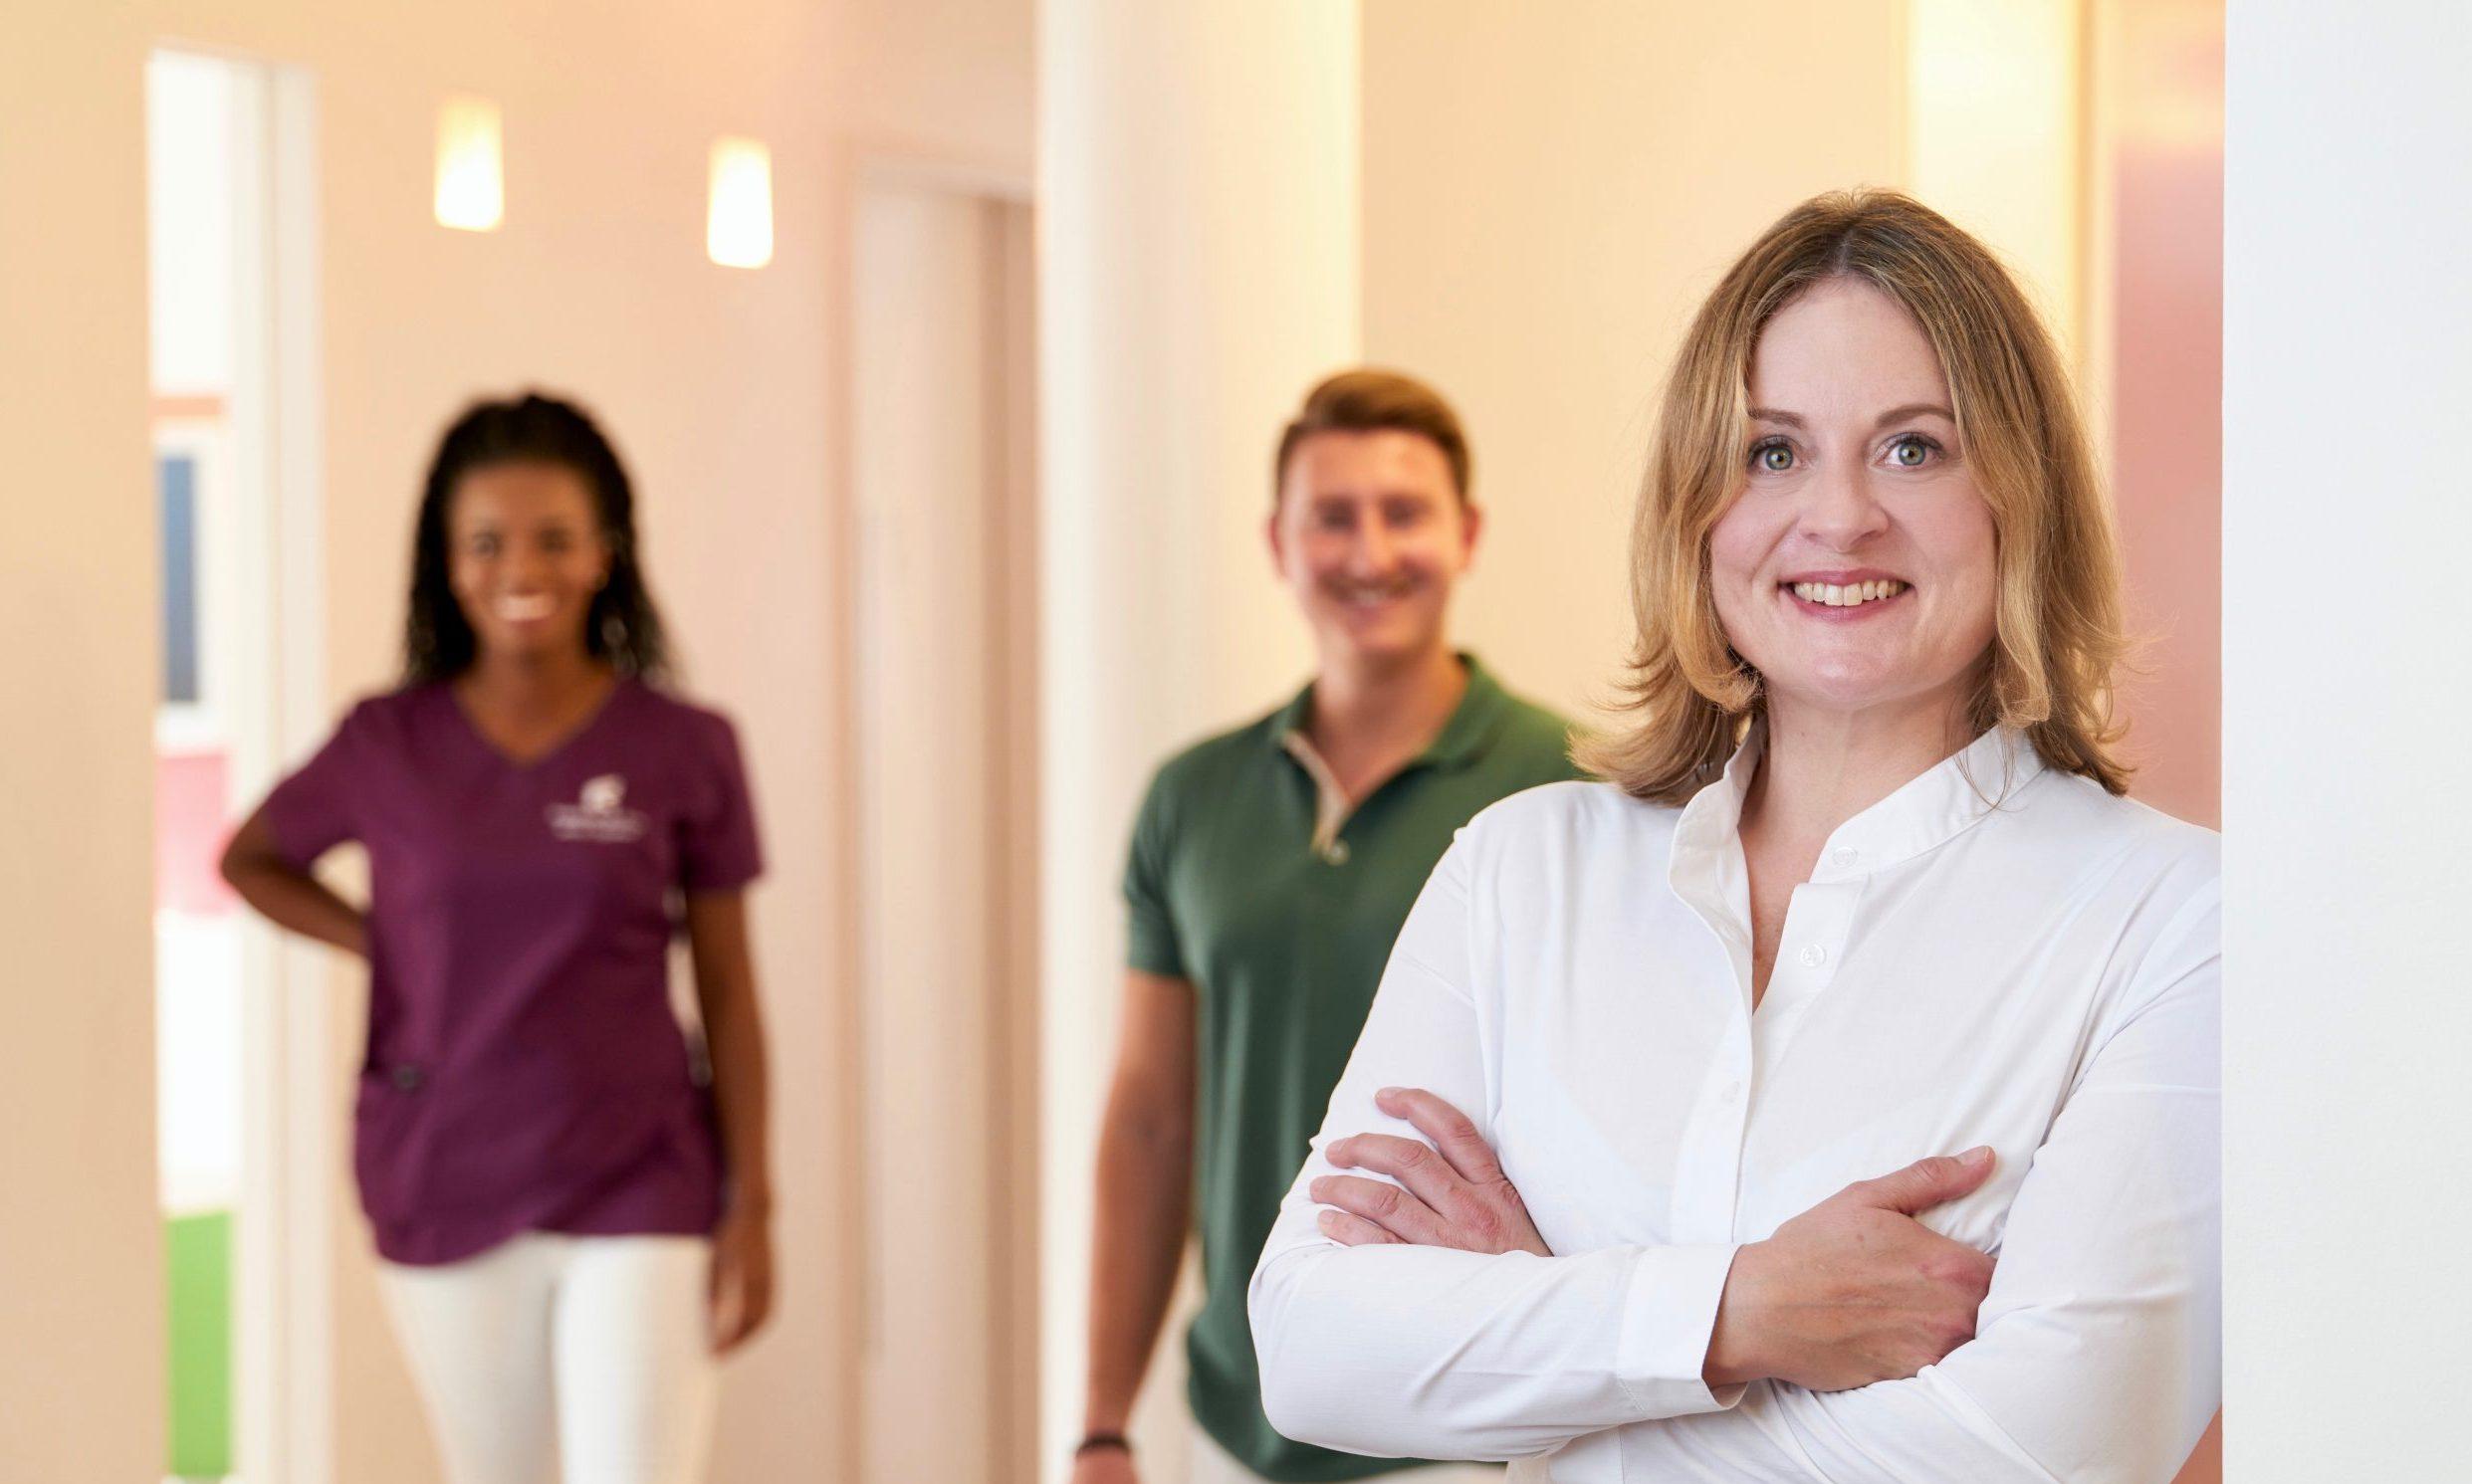 Dr. Friederike Krop mit verschränkten Armen und Lächeln in Ihrer Praxis